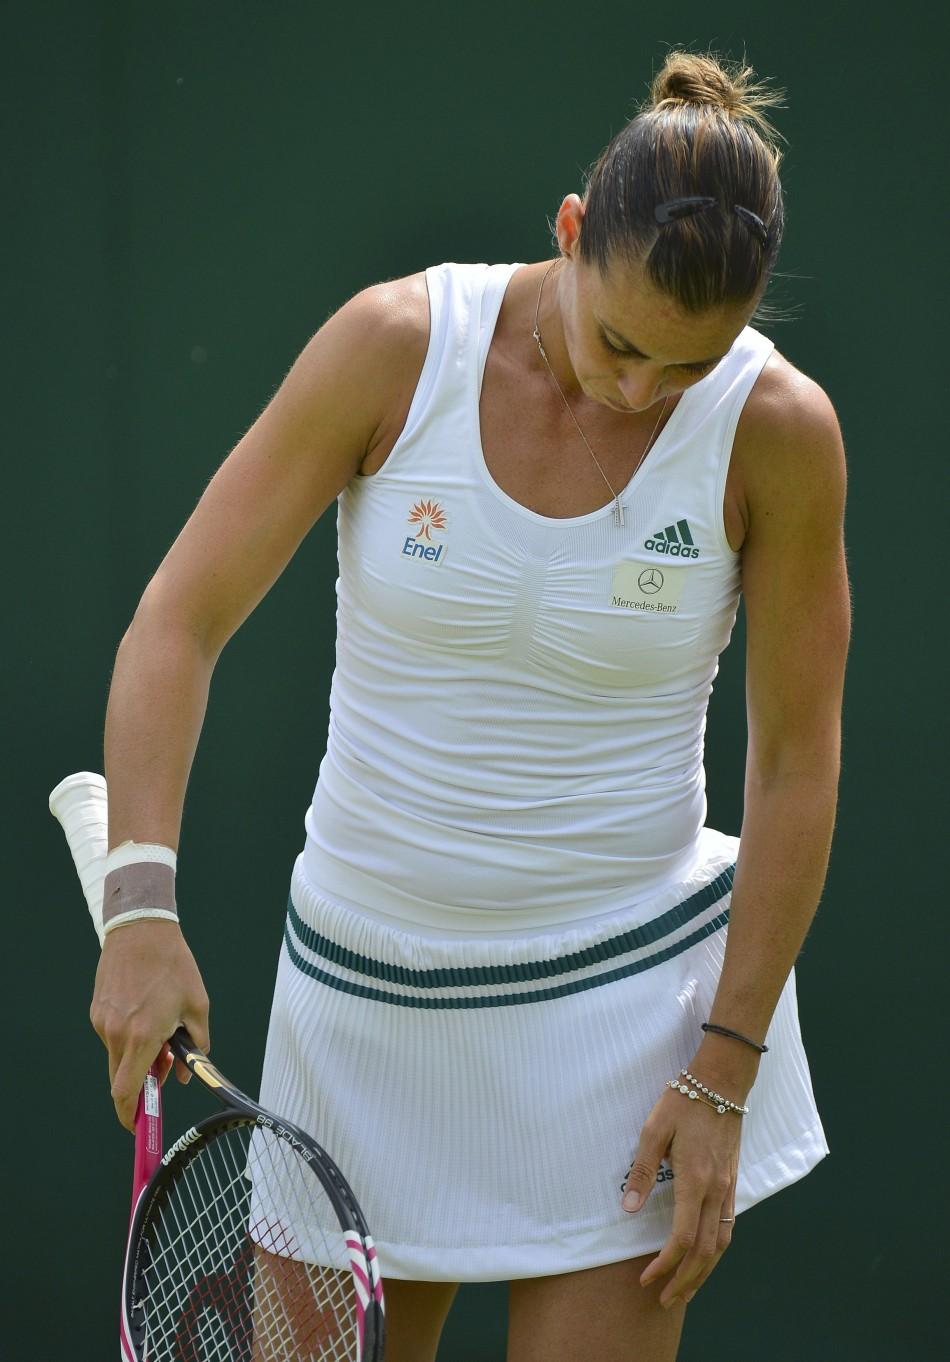 2012 Wimbledon Championships Top Ten Hottest Women On -8411